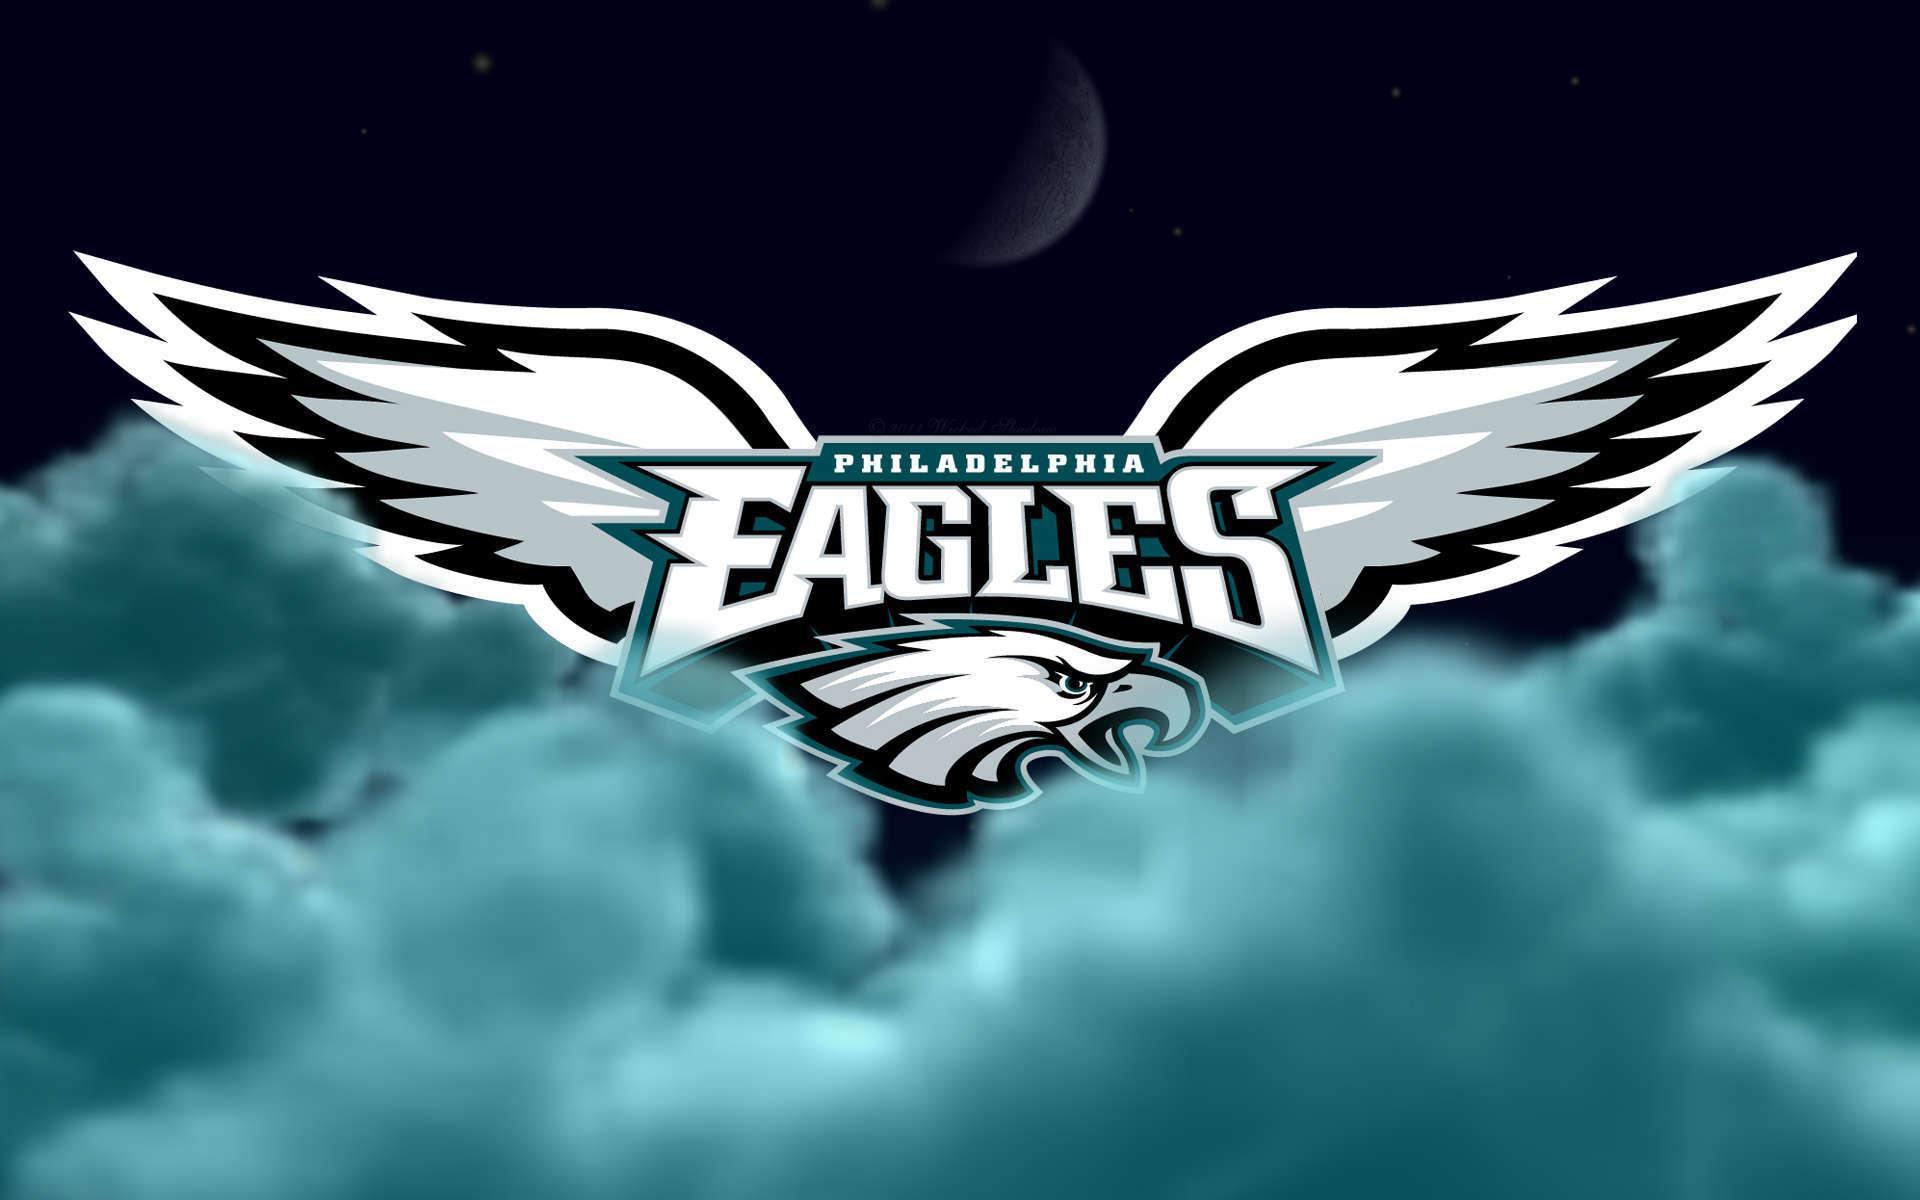 eagles logo wallpapers wallpaper cave